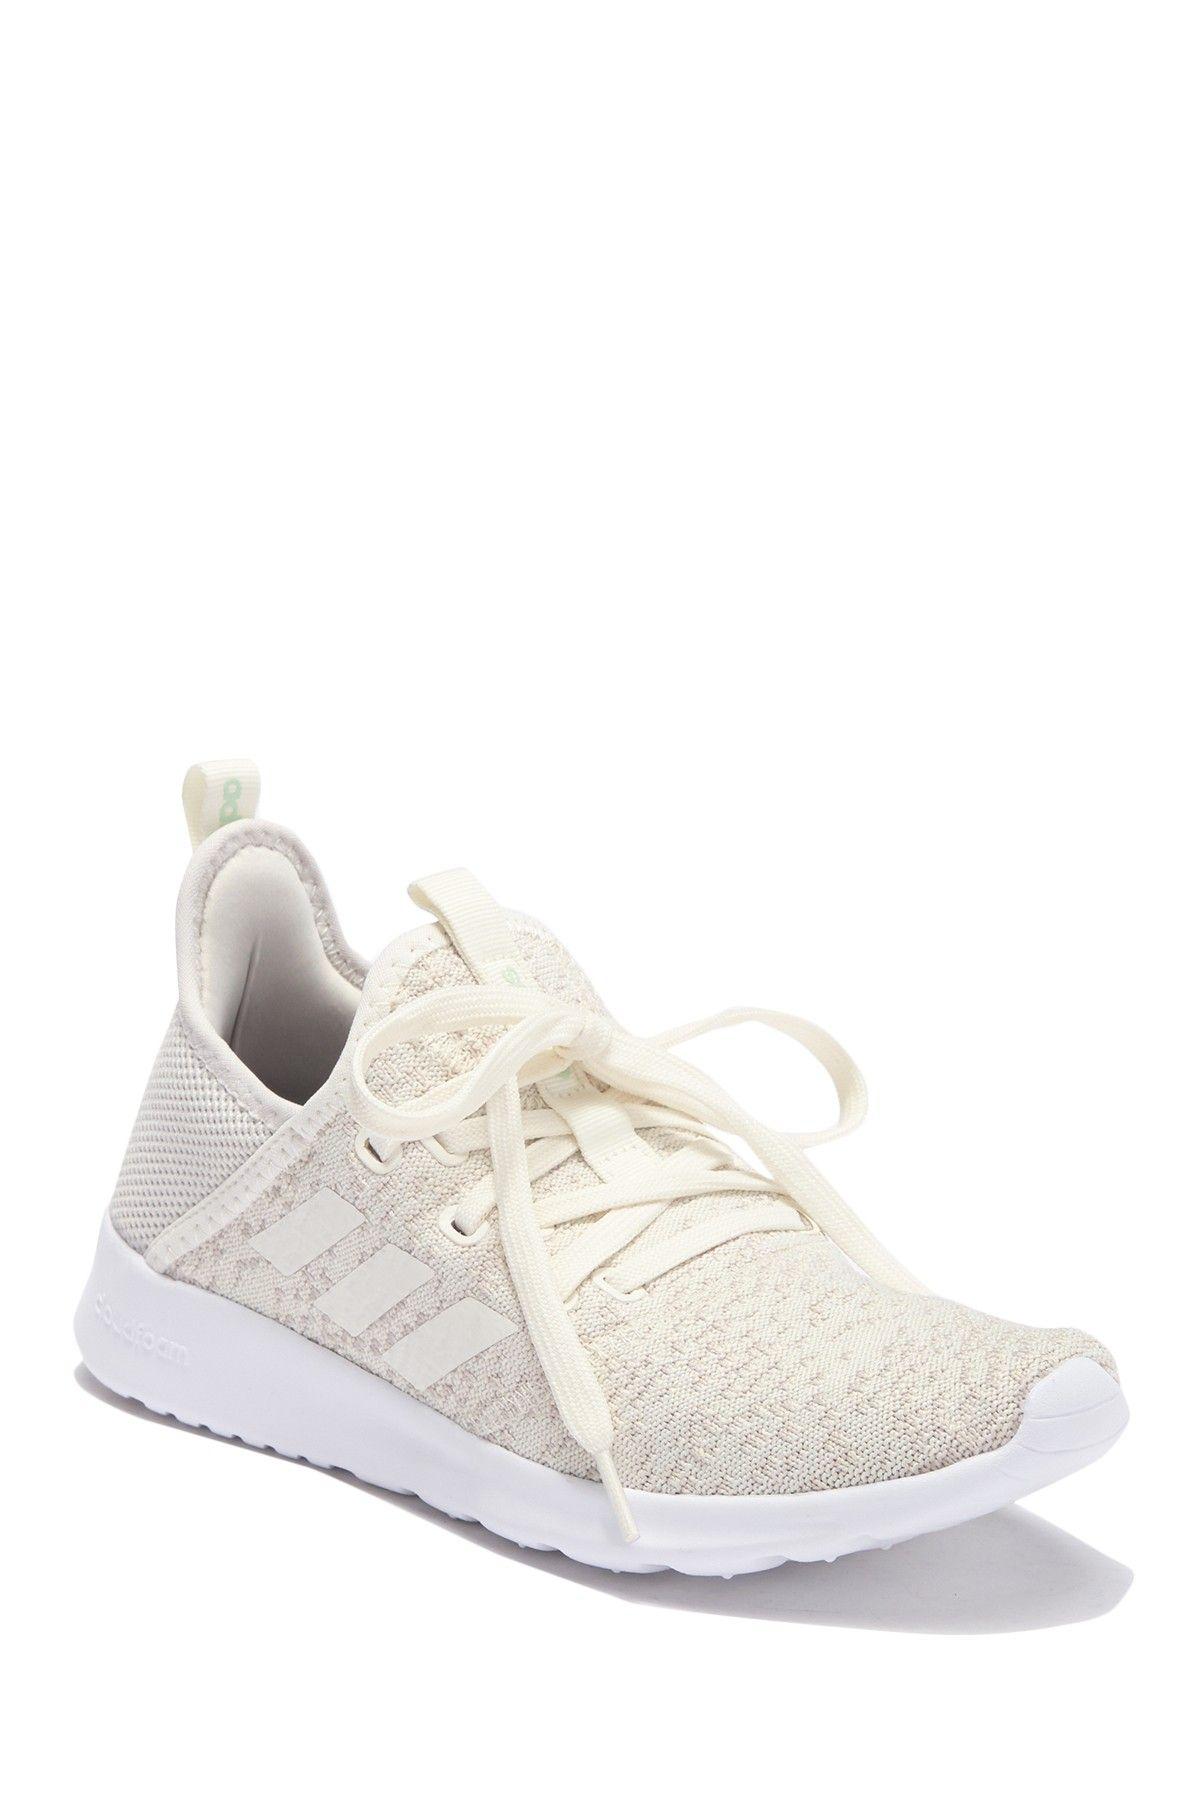 Adidas shoes women, Adidas cloudfoam